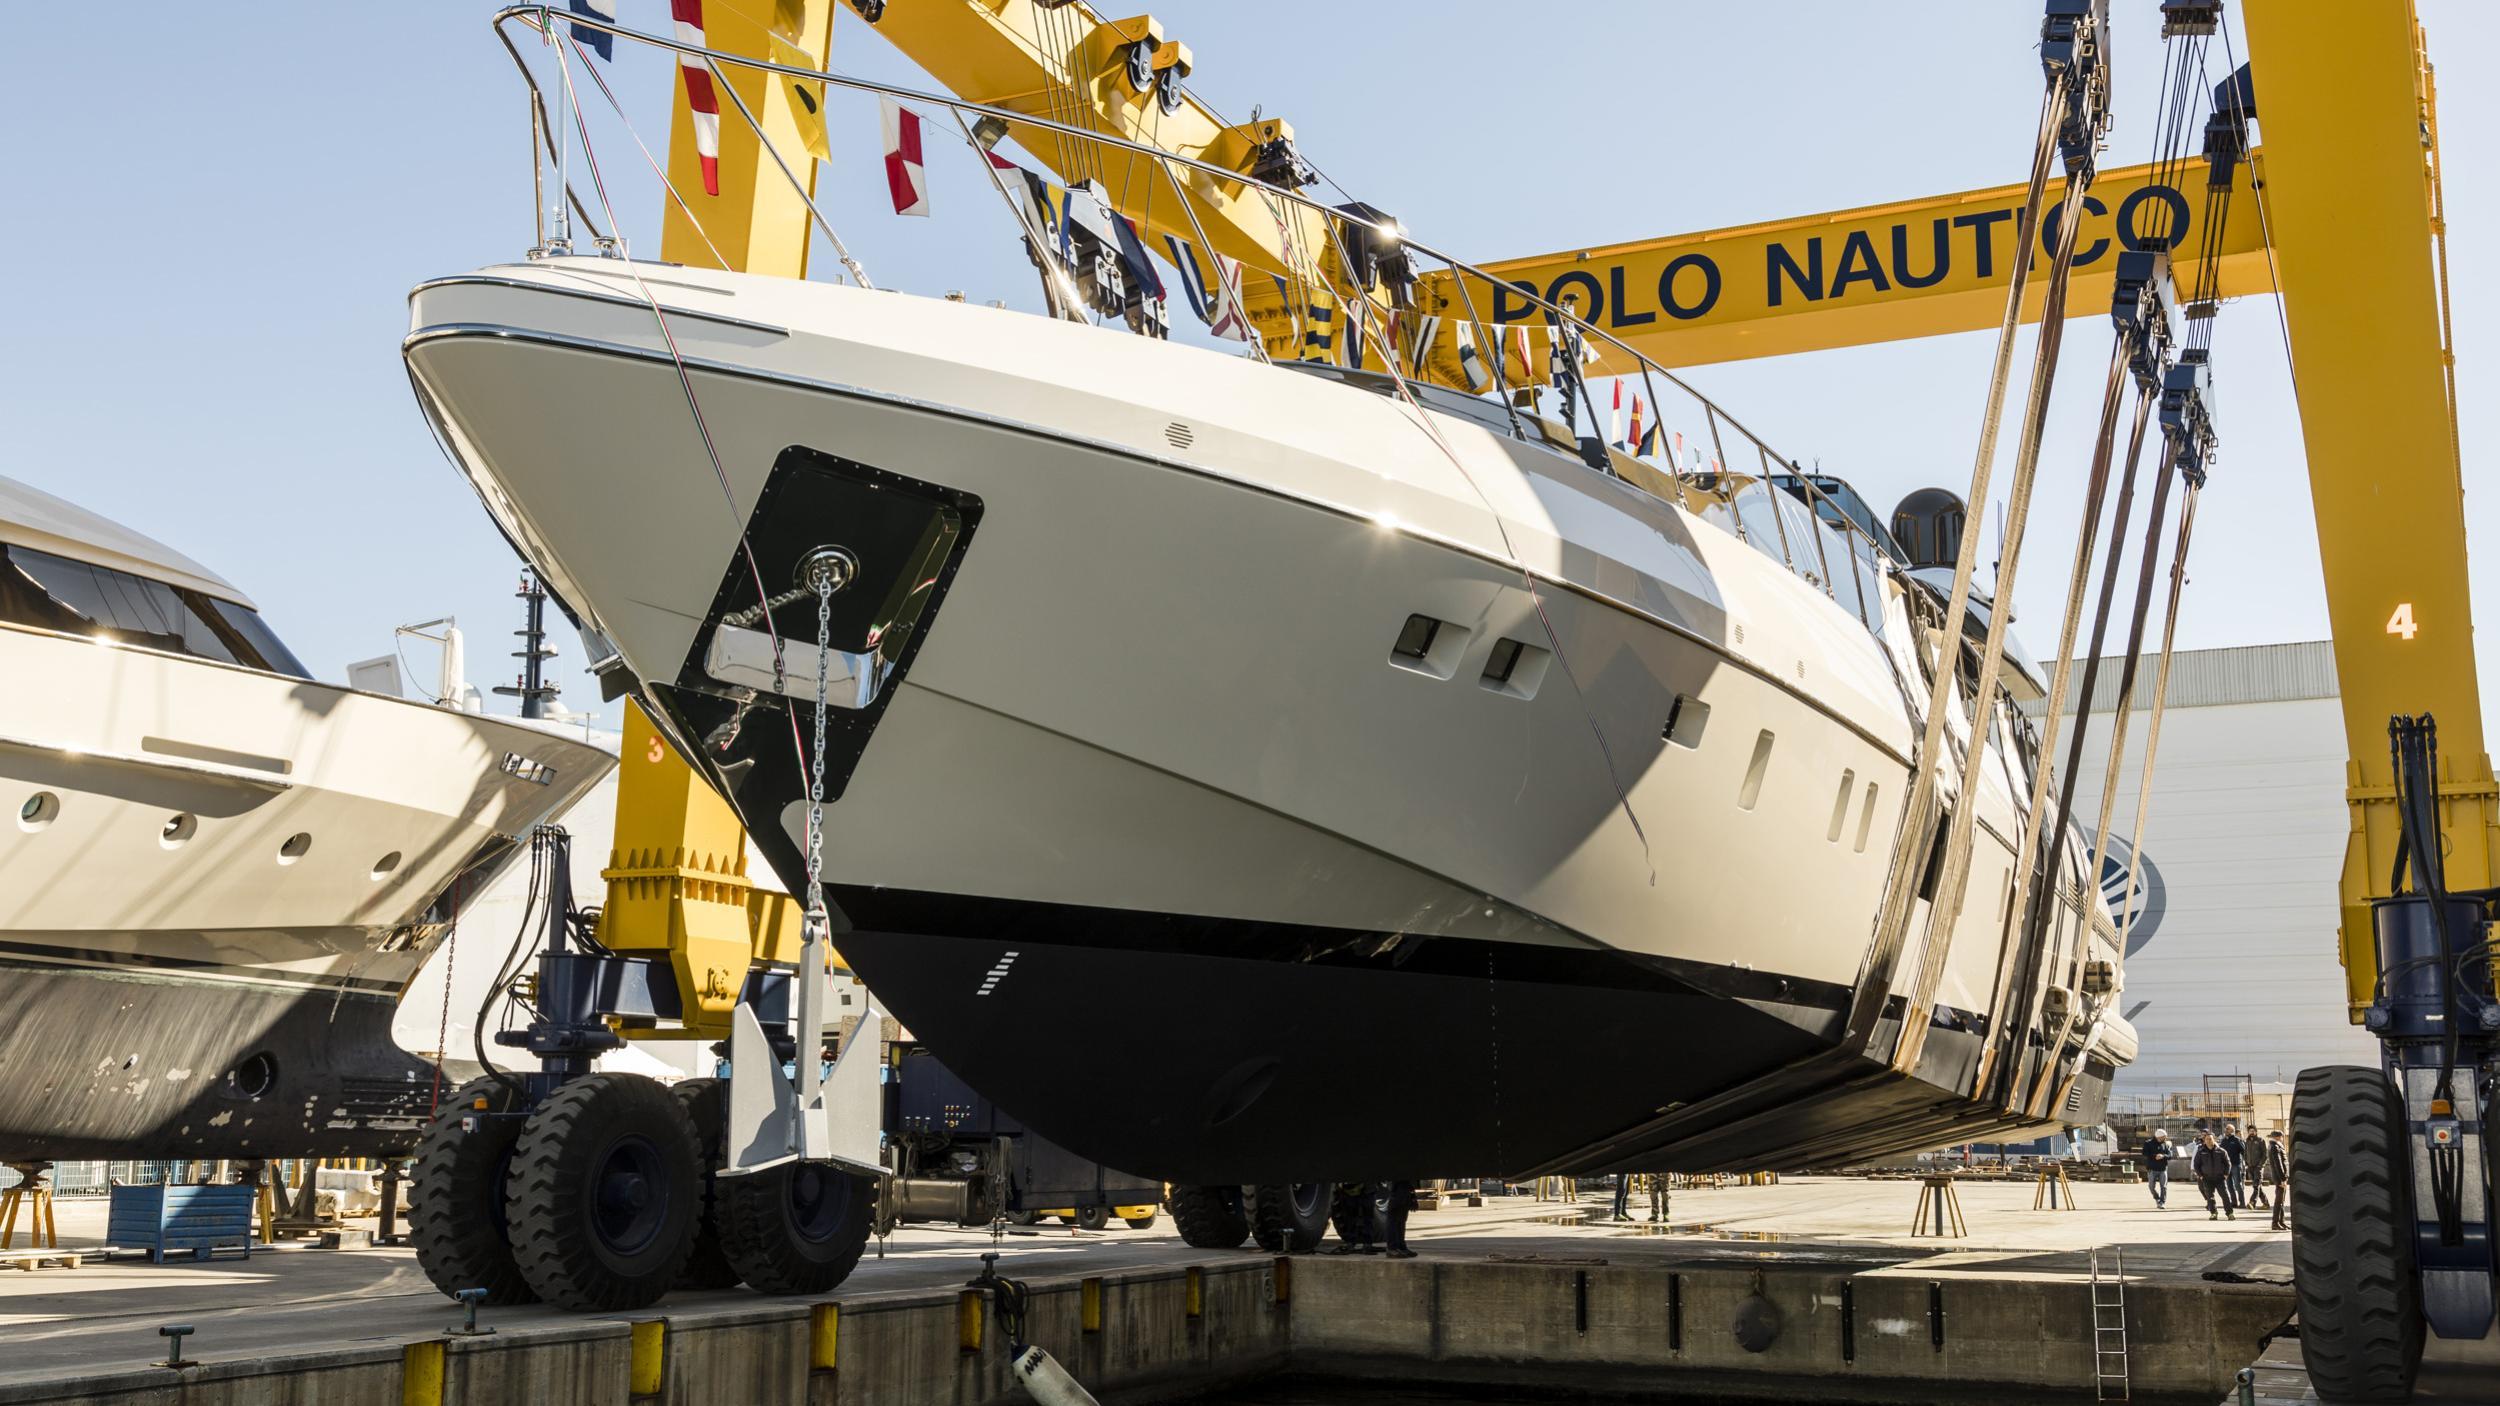 mangusta 110 hull 4 motoryacht overmarine 34m 2019 launch half profile